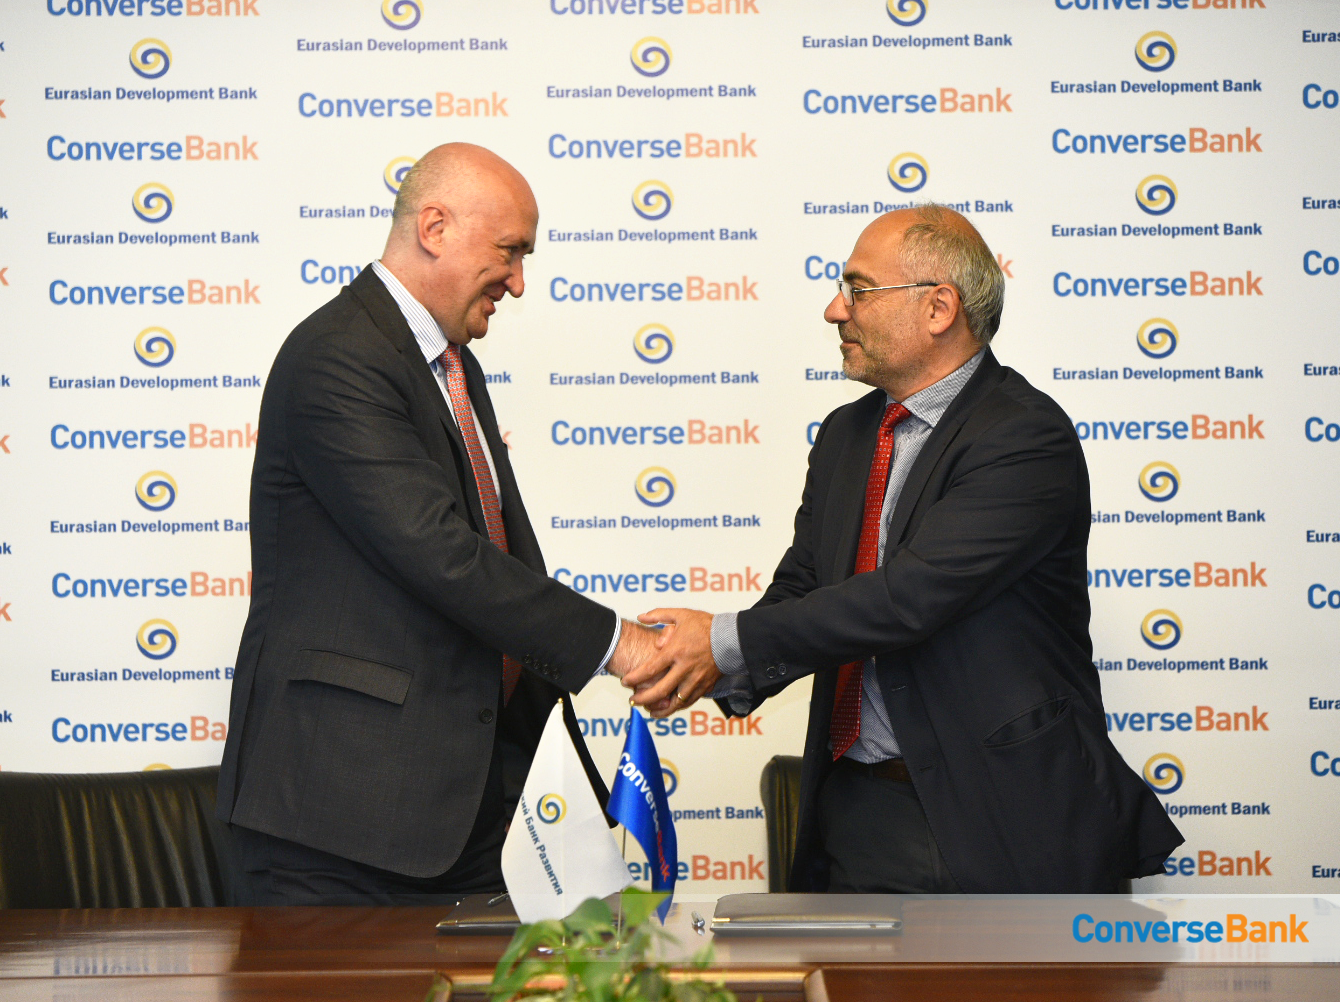 Կոնվերս Բանկը և Եվրասիական զարգացման բանկը ստորագրել են Միկրո և ՓՄՁ ֆինանսավորման վարկային պայմանագիր